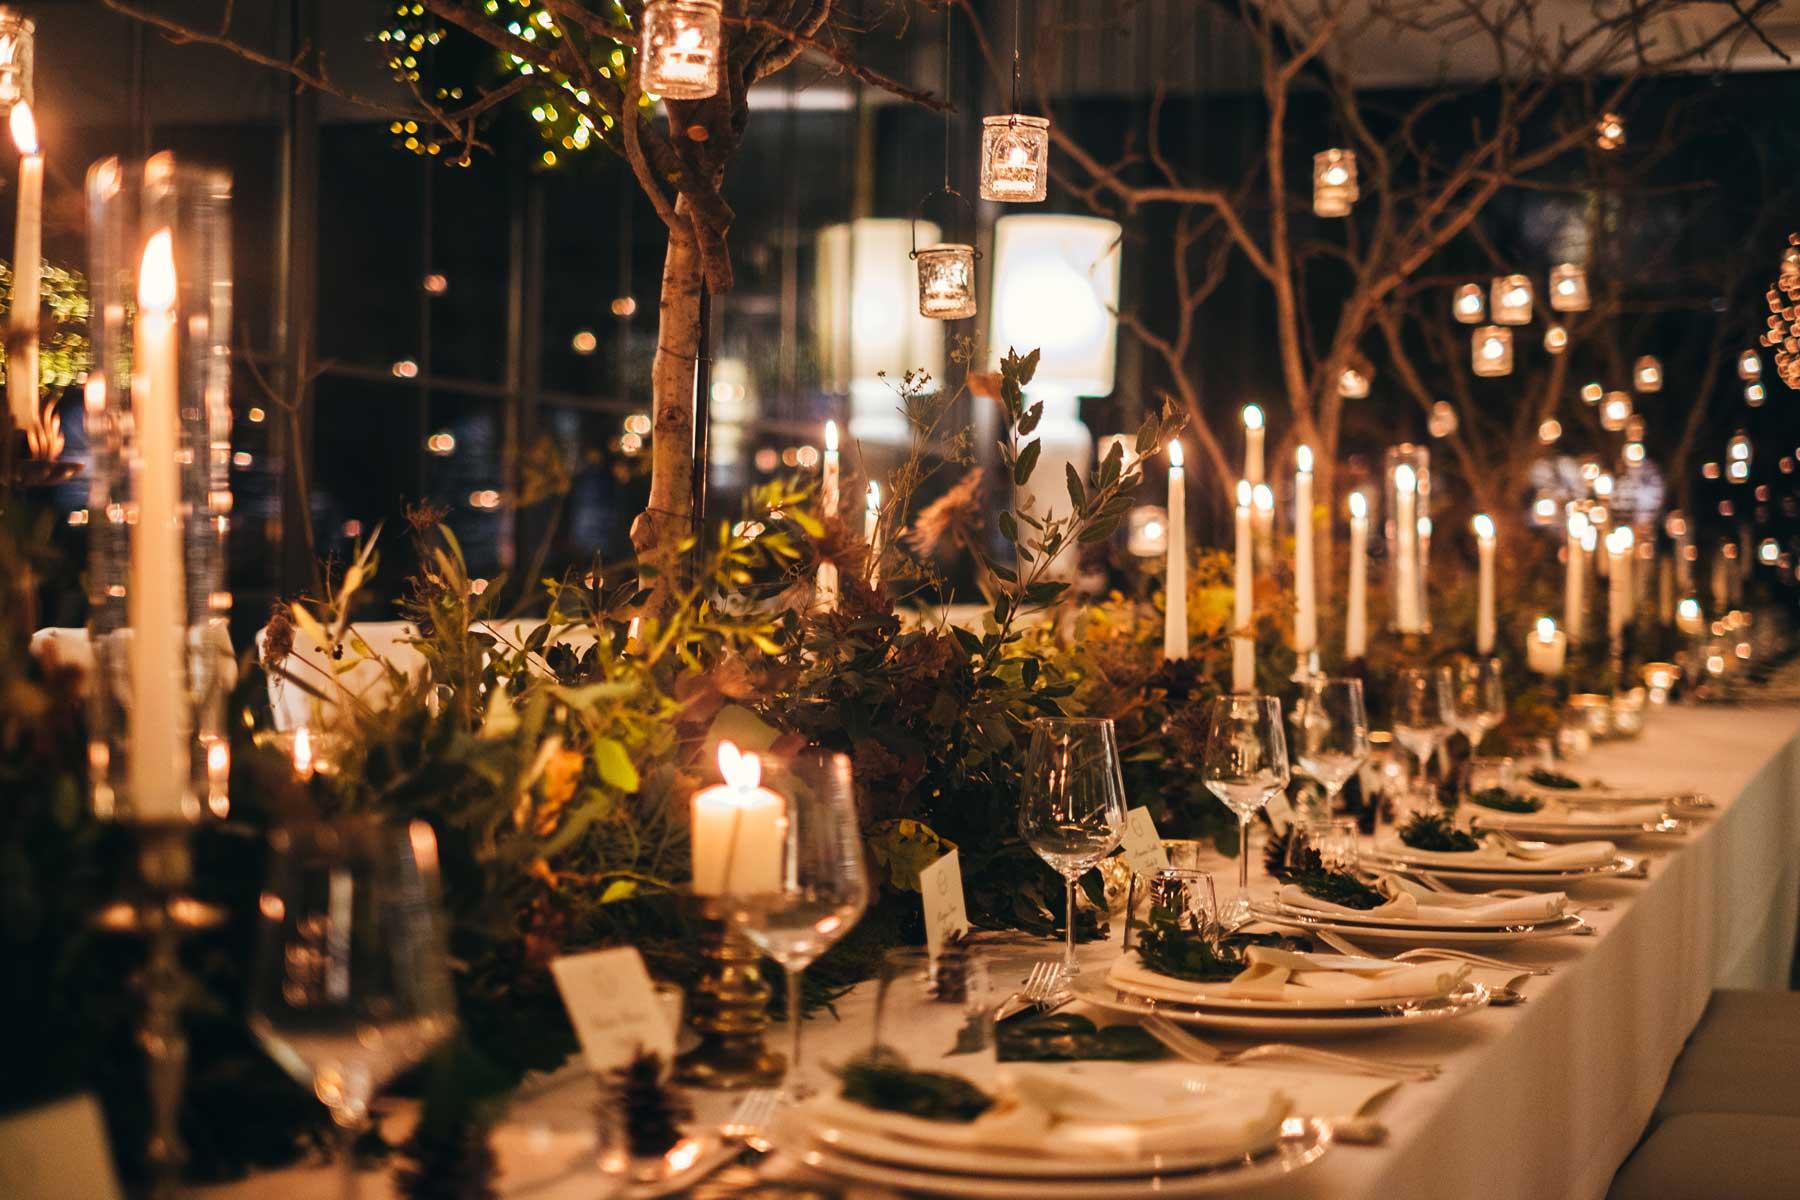 Matrimonio In Dicembre : Matrimonio a dicembre allestimento sala ricevimenti foggia